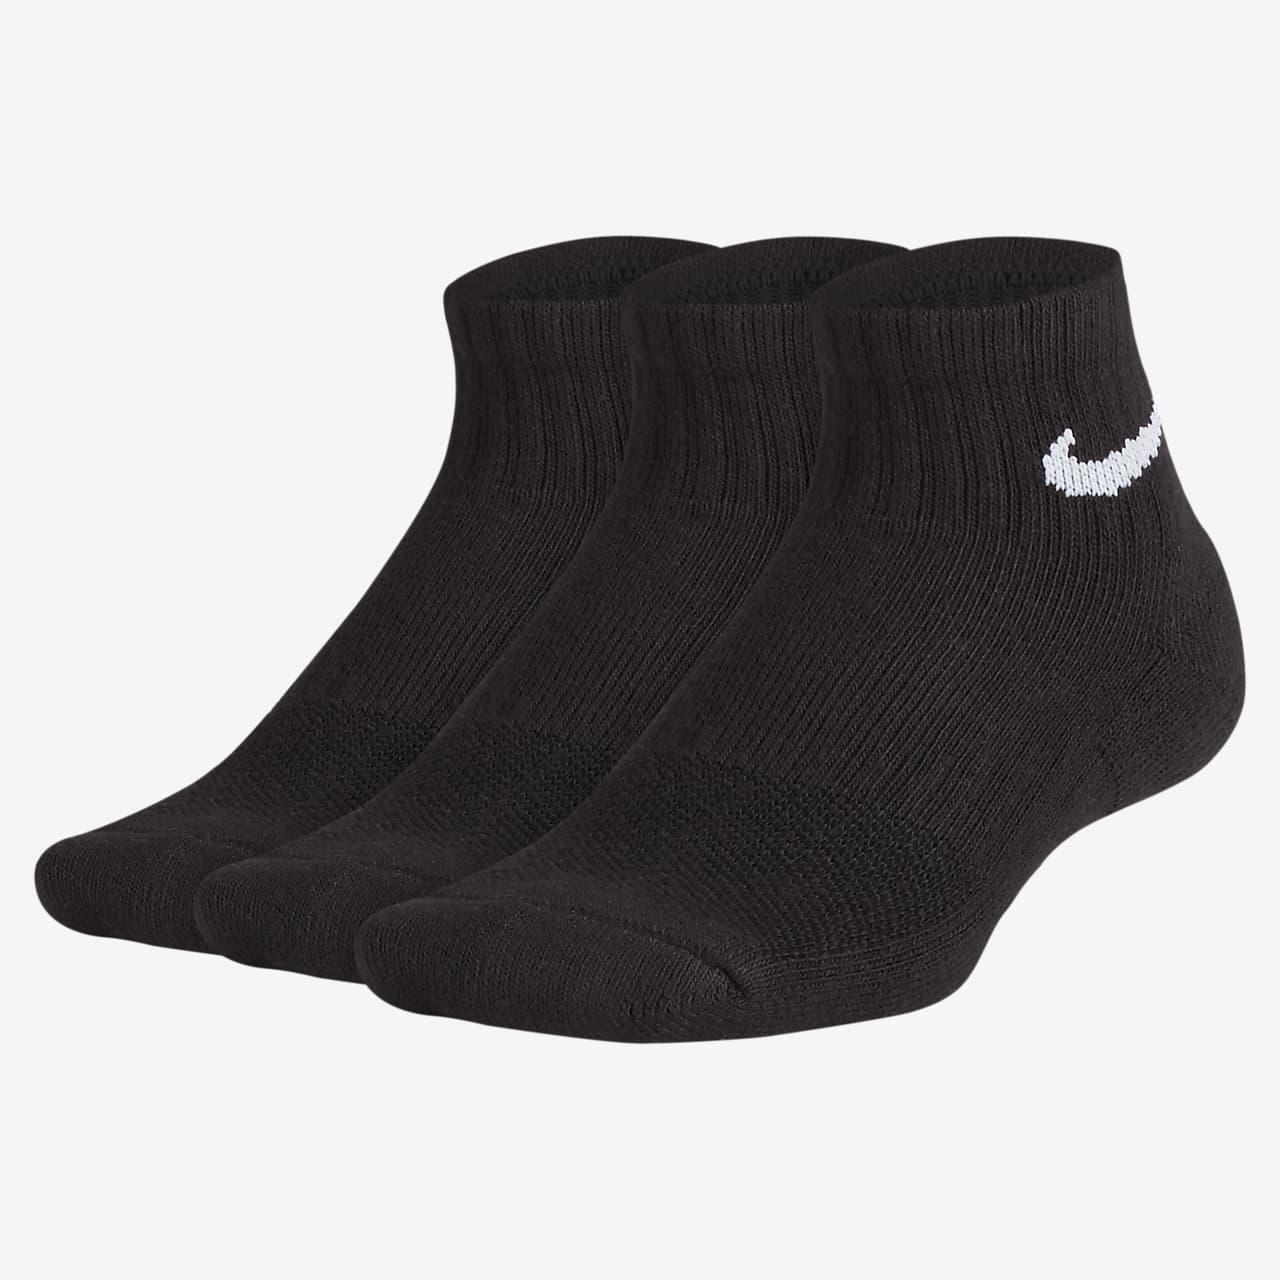 Носки до щиколотки с амортизацией для школьников Nike Everyday (3 пары)